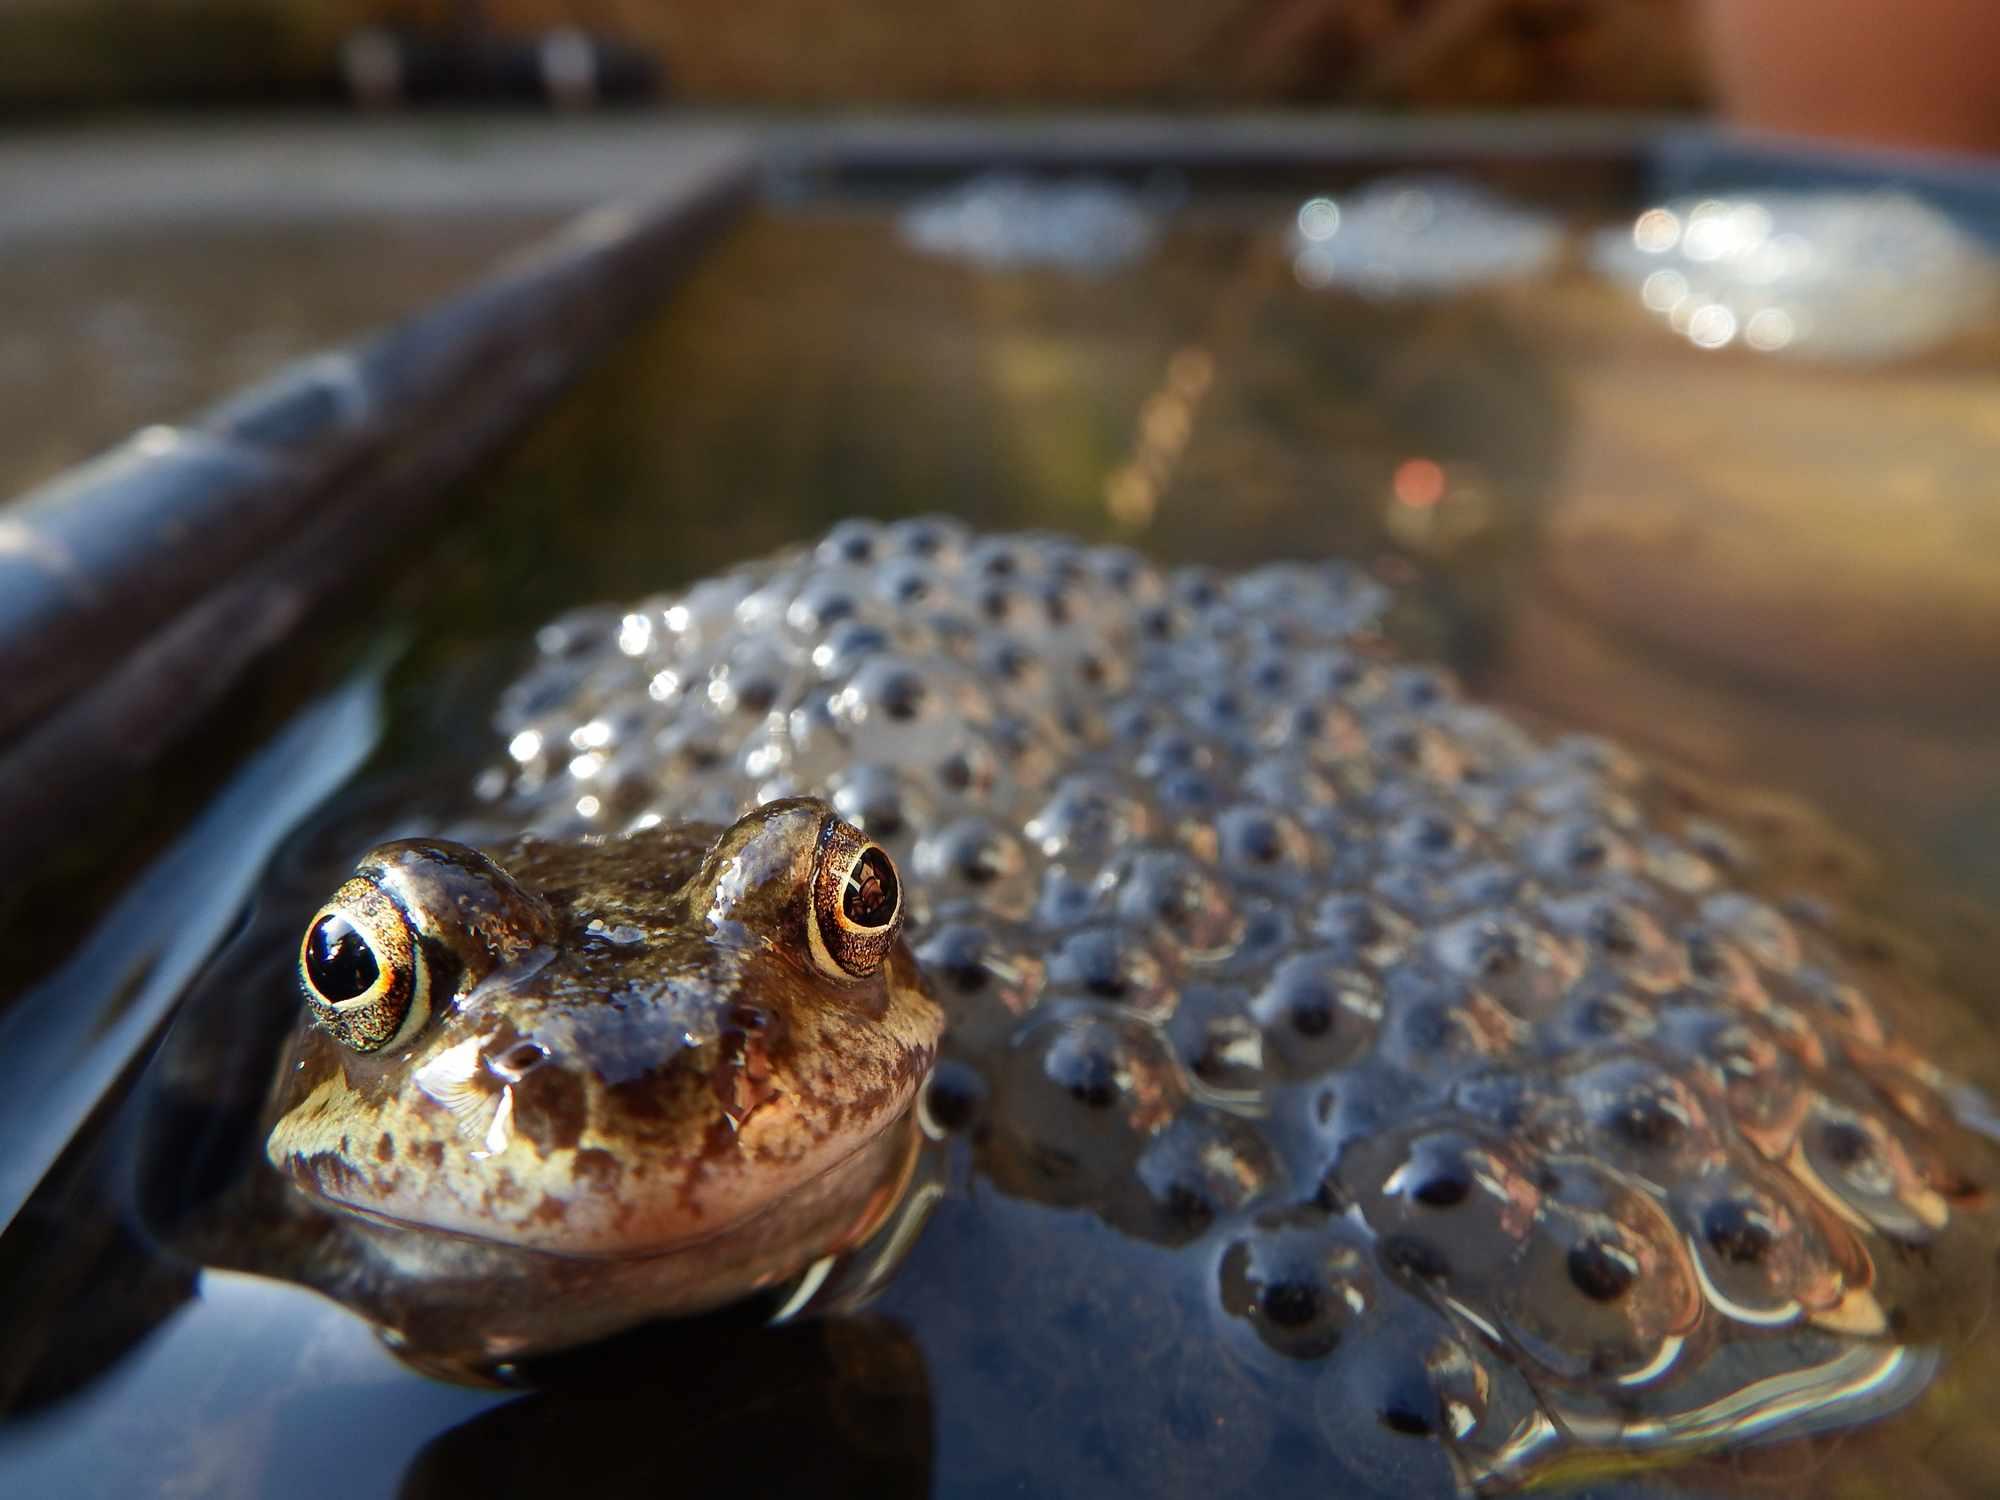 Frog with frogspawn. © Richard Warner/EyeEm/Getty